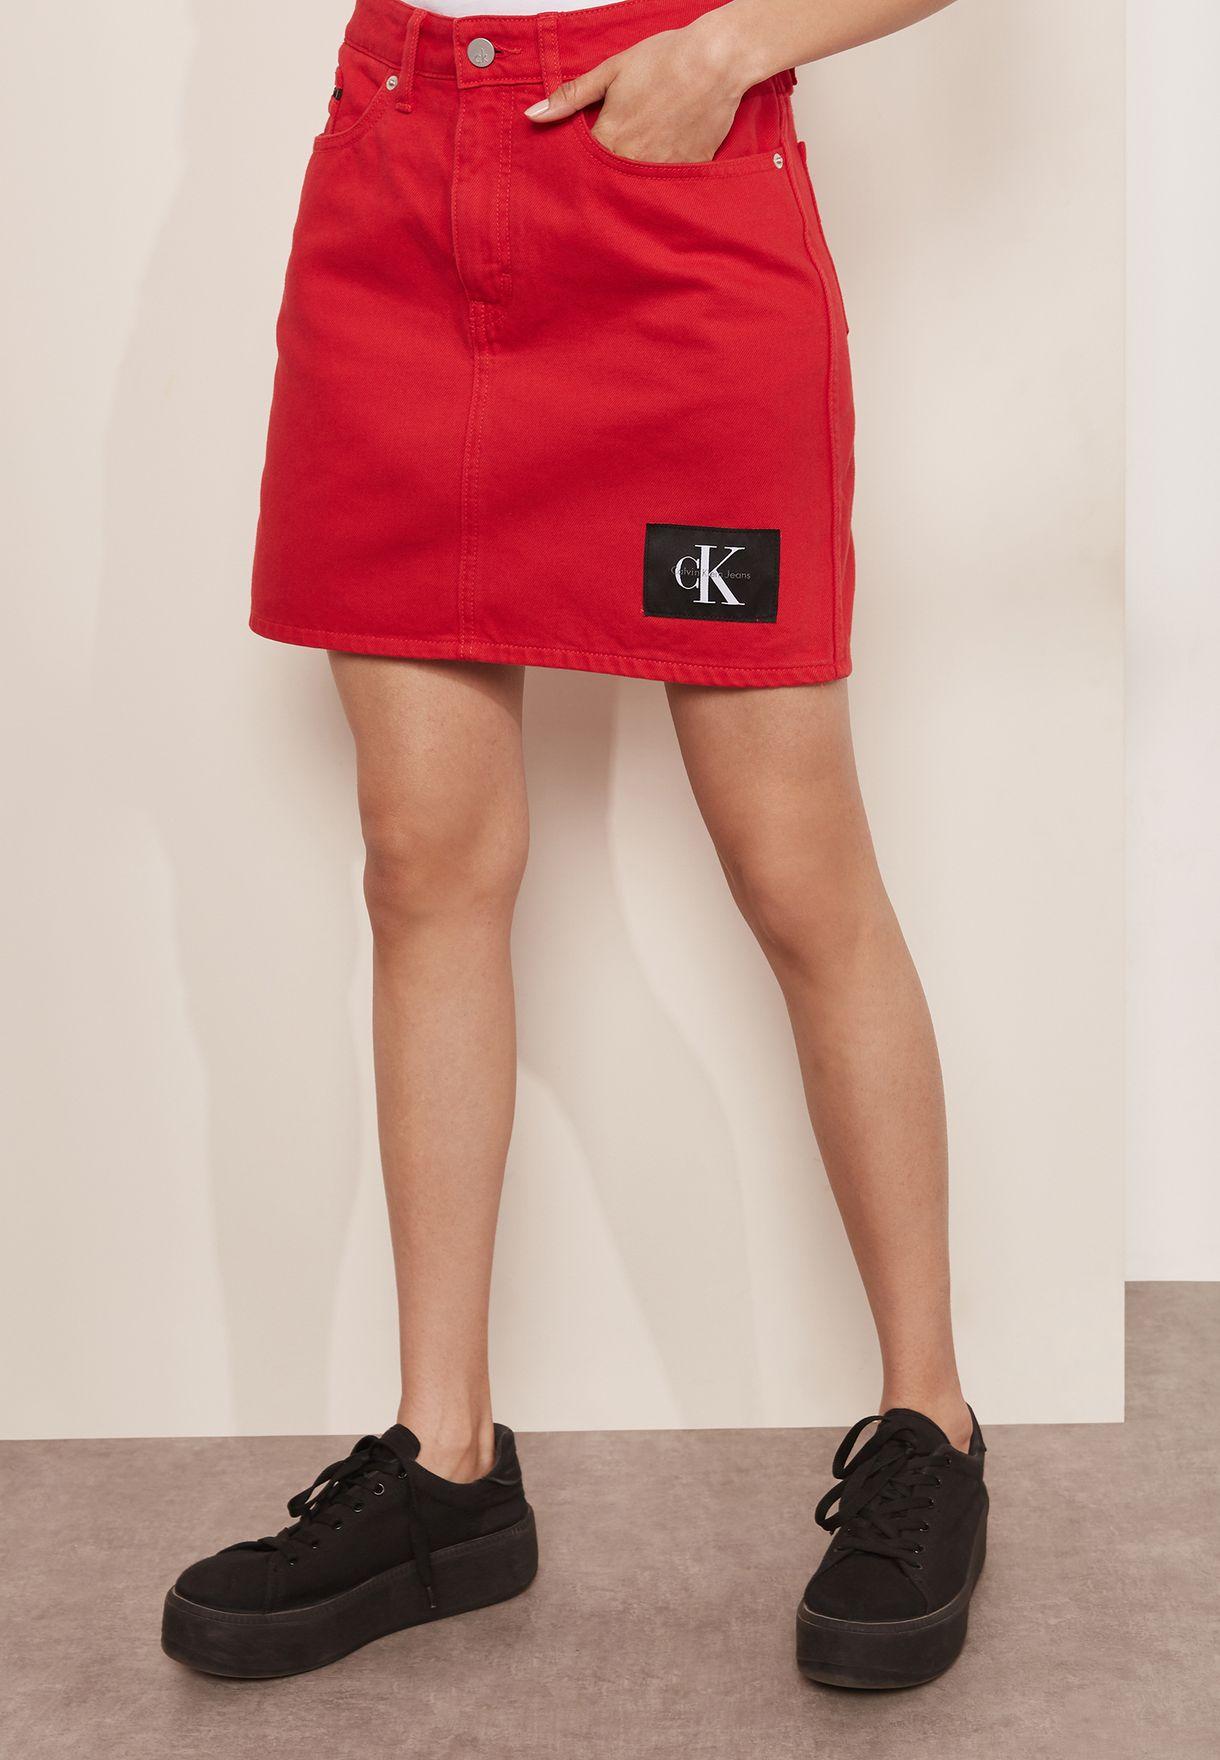 d815d5cd56 Shop Calvin Klein Jeans red Denim Skirt J20J207391 for Women in UAE ...